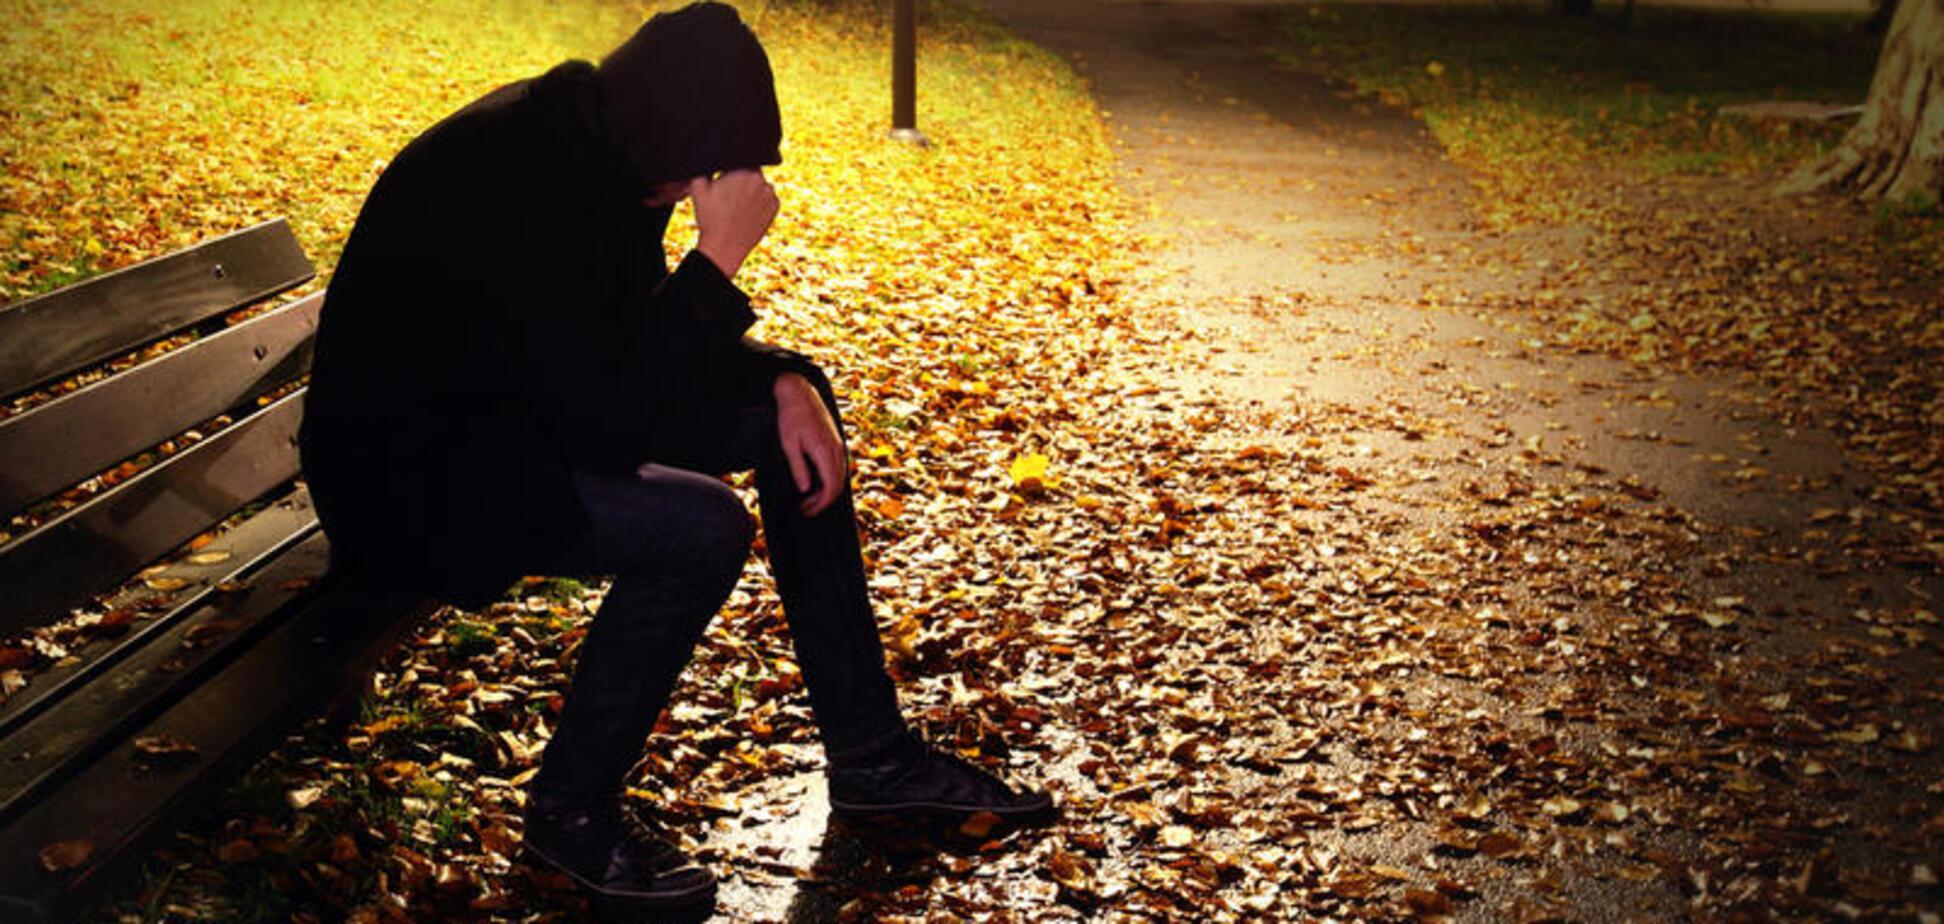 Ученые узнали, сколько лет жизни отнимает депрессия